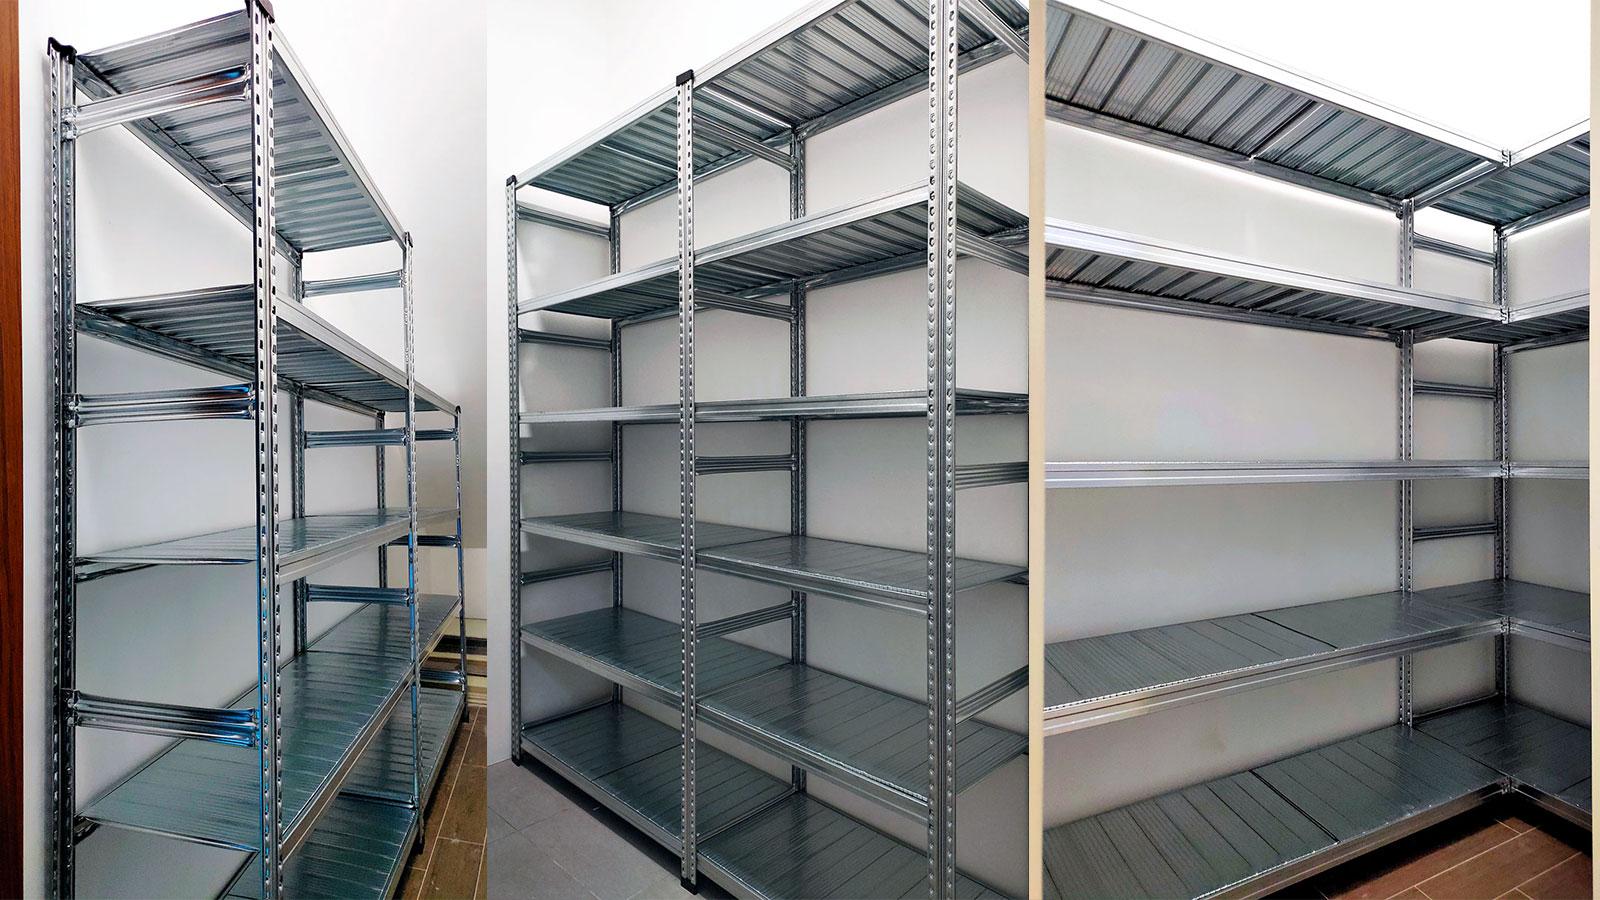 racking system boltless rack storeroom